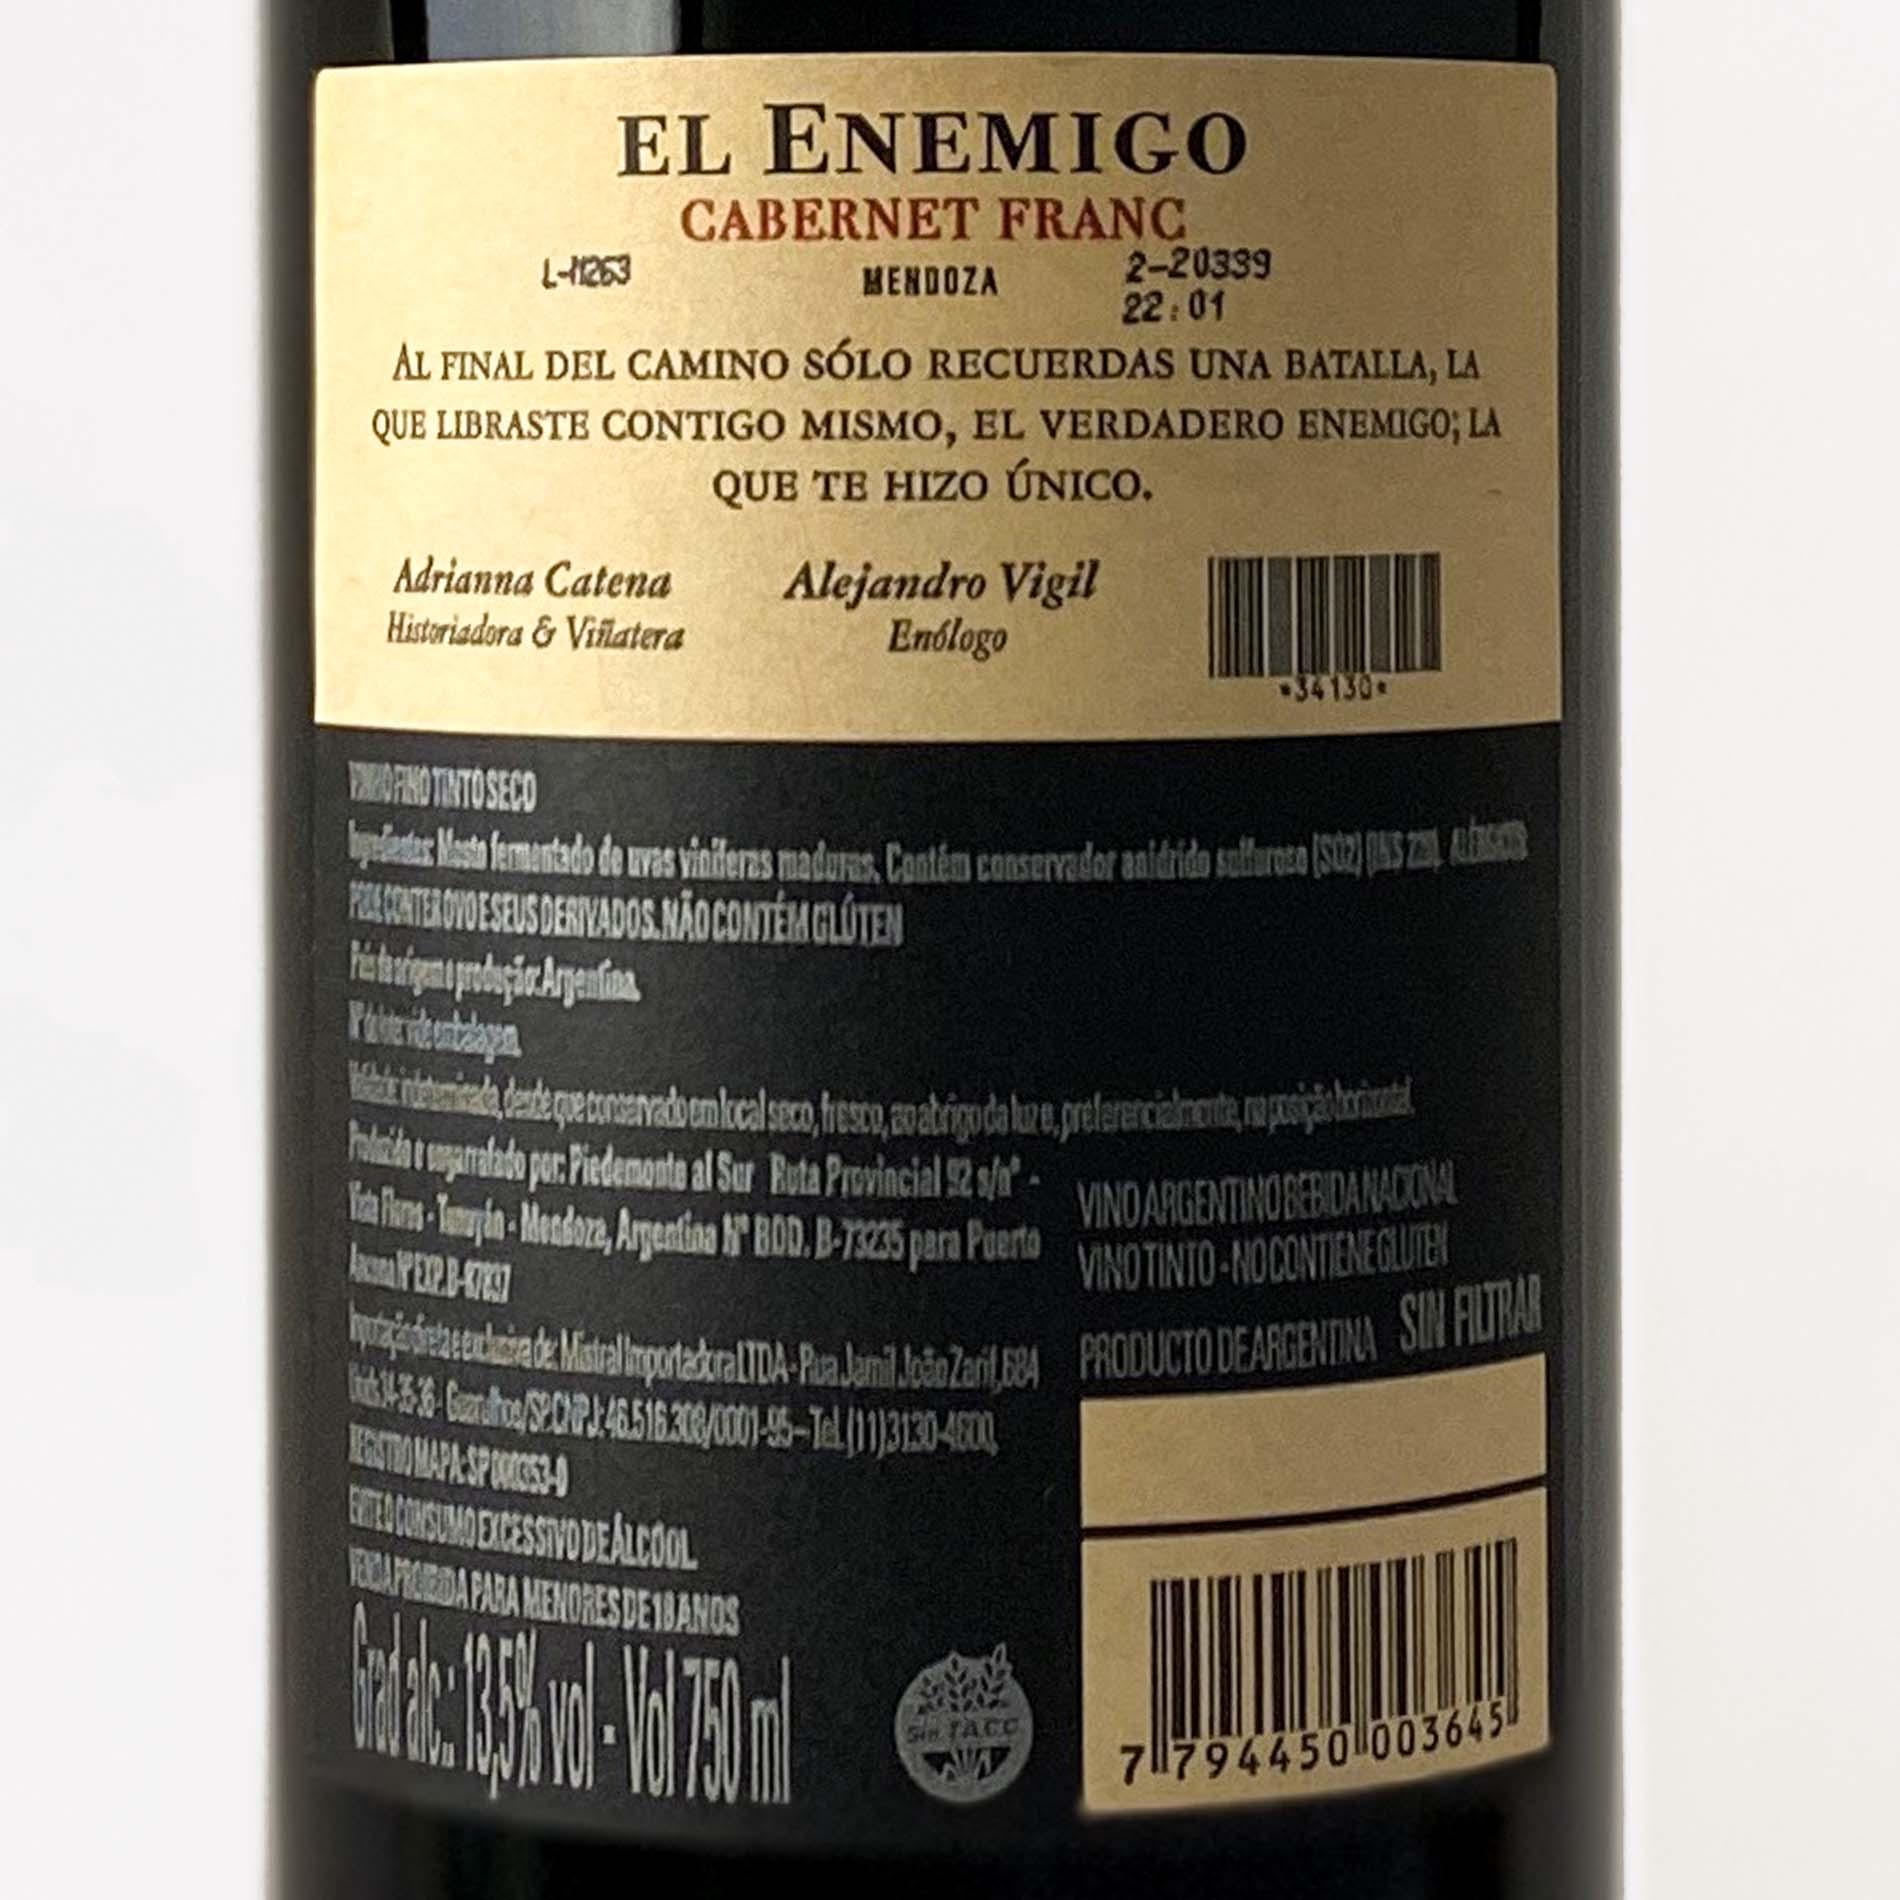 El Enemigo Cabernet Franc  - Vinerize